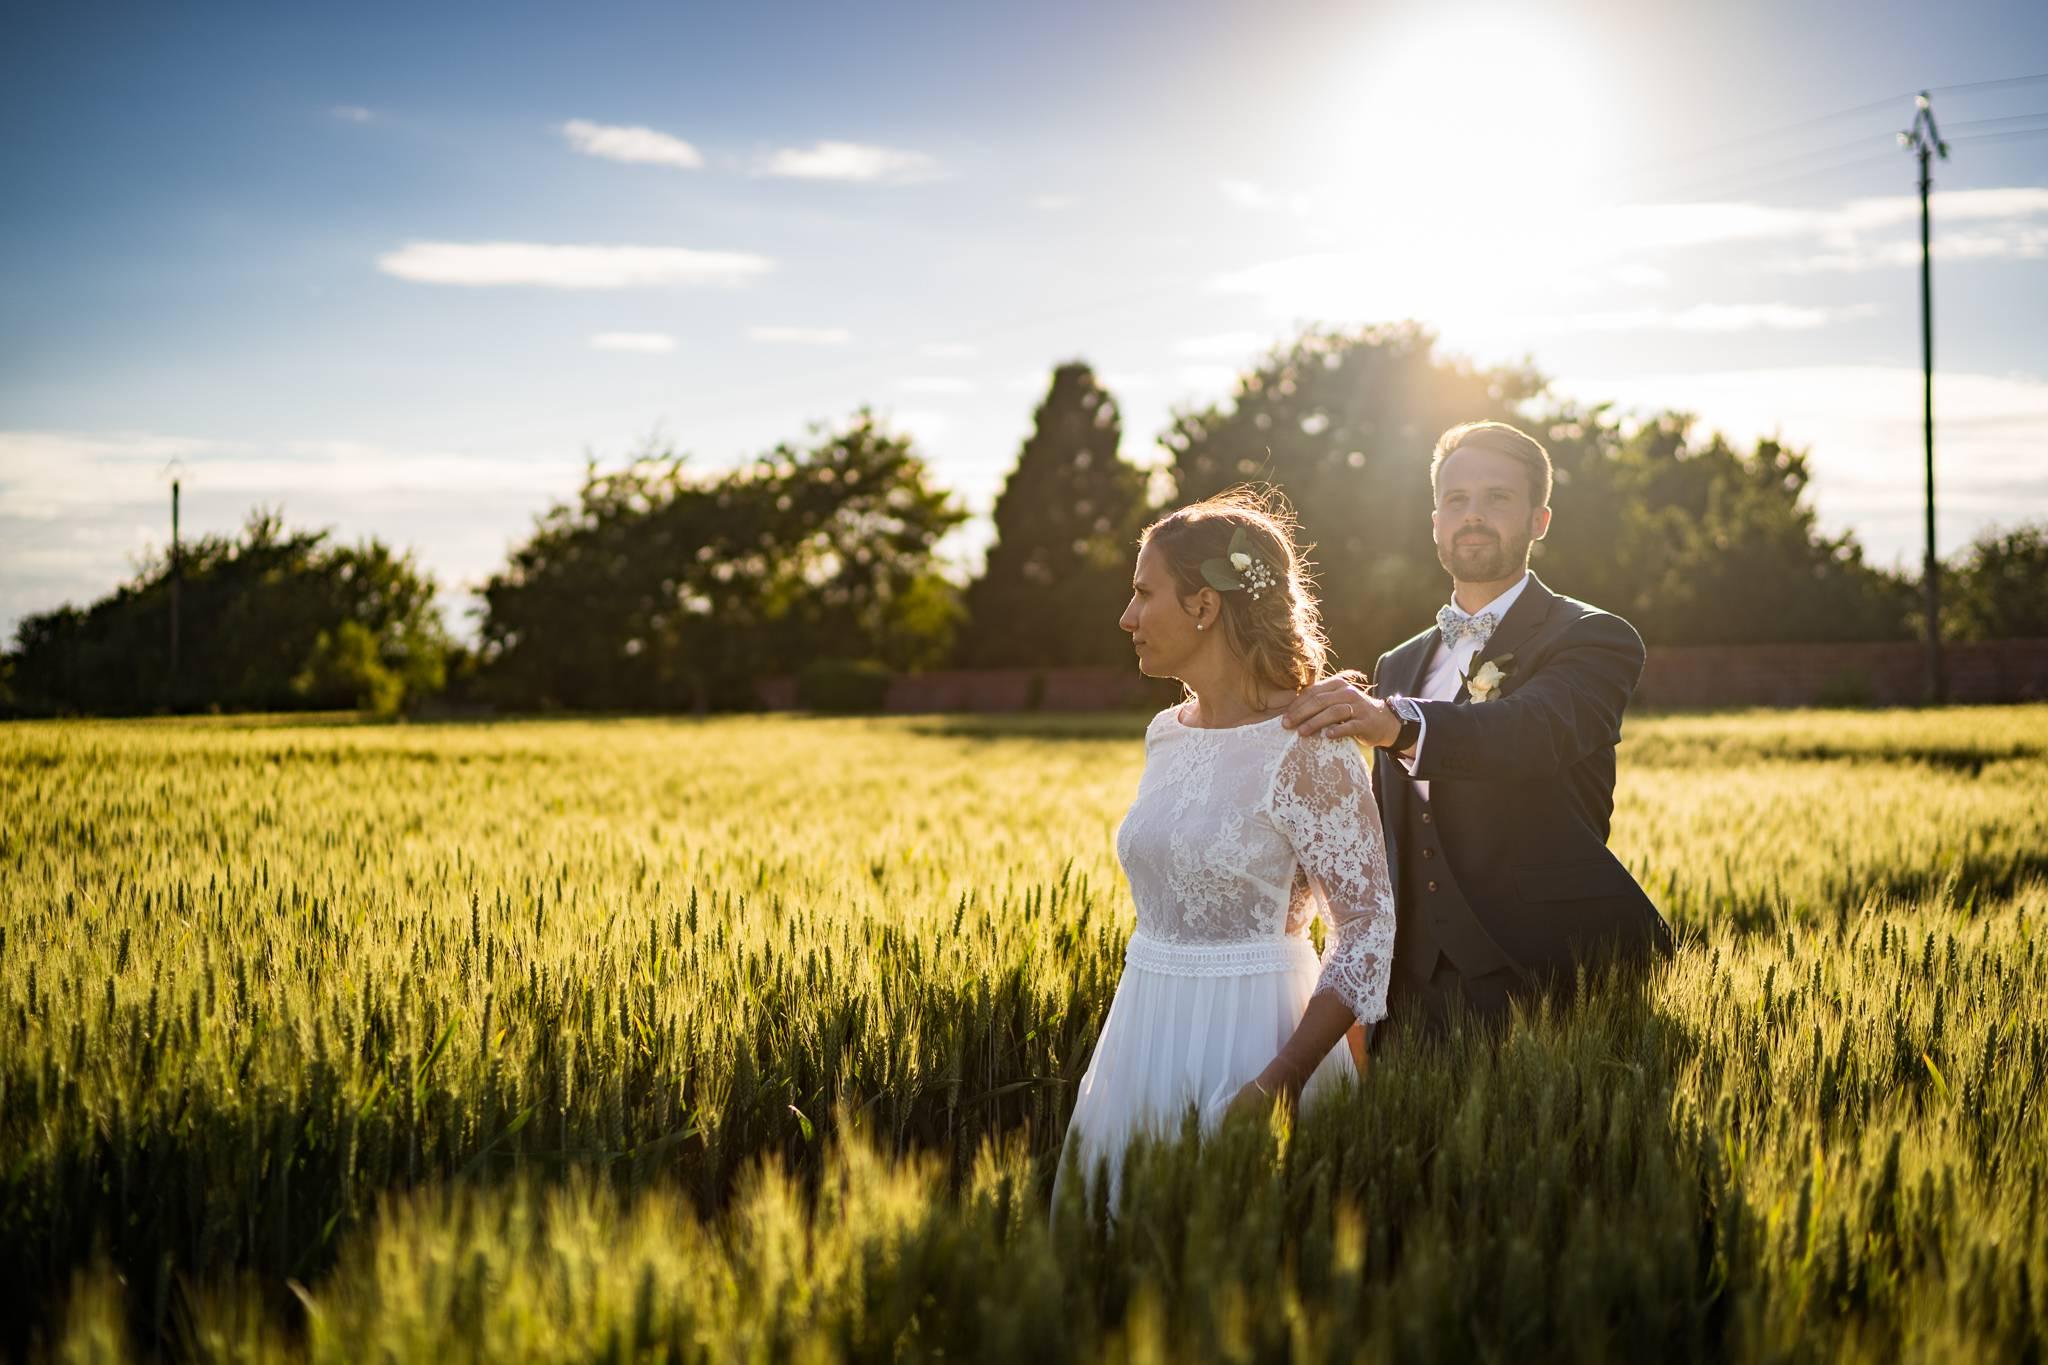 Le mariage laïque à la ferme, dans un champ de blé, en Normandie de Mégane et Florian, avec un passage dans la campagne et au Château Gaillard.